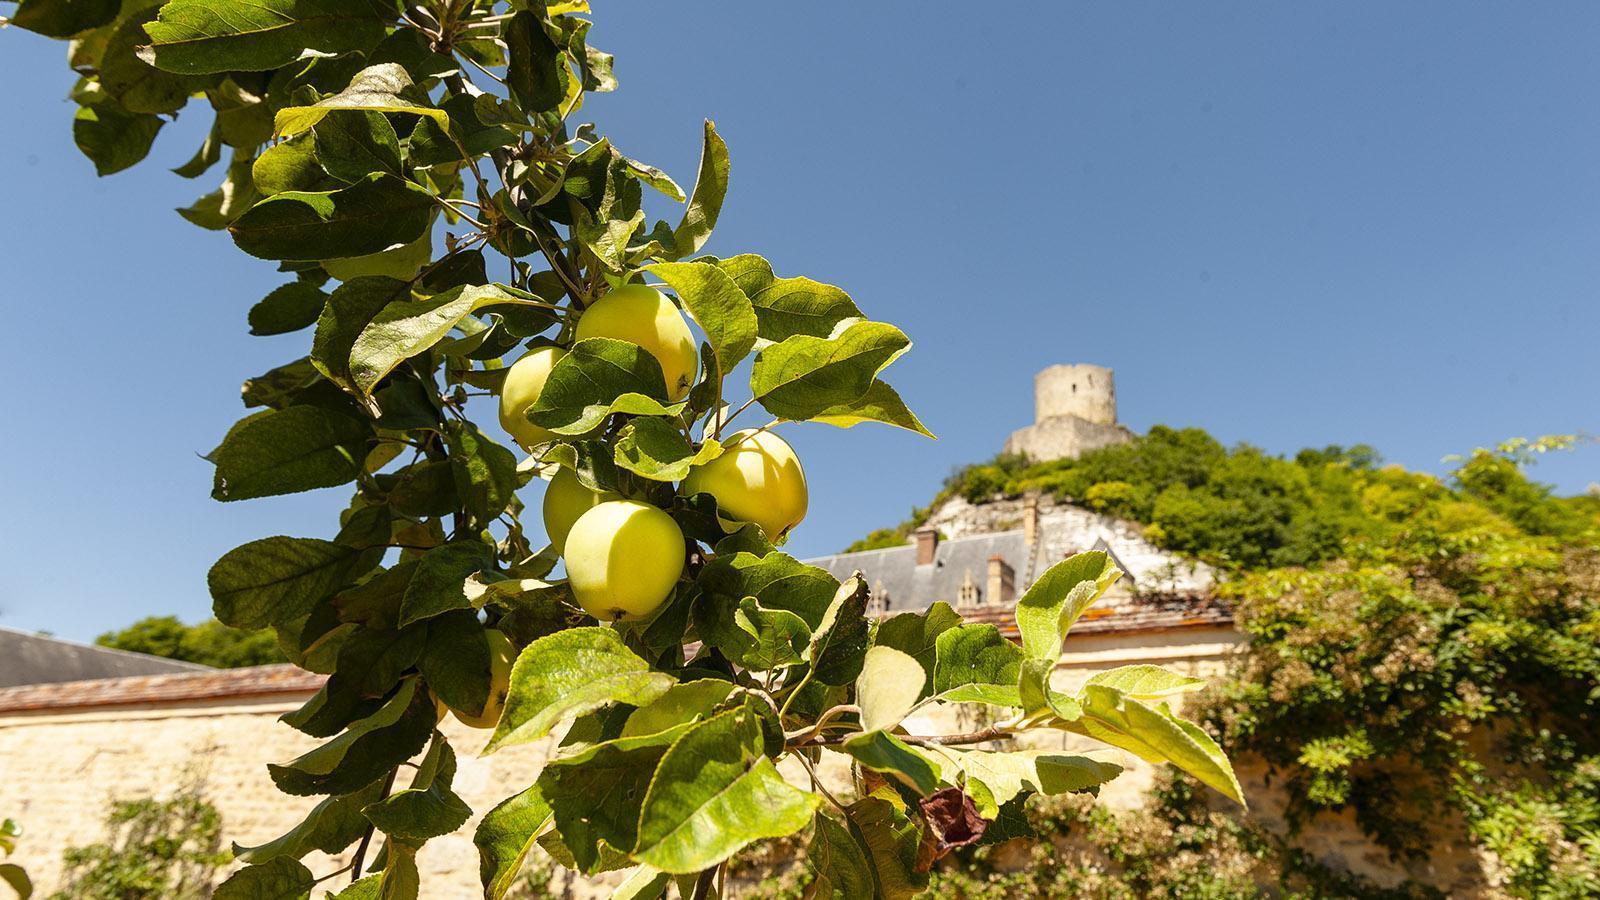 La Roche-Guyon: Im Küchengarten des Herzogsschlosses reifen die Äpfel. Foto: Hilke Maunder